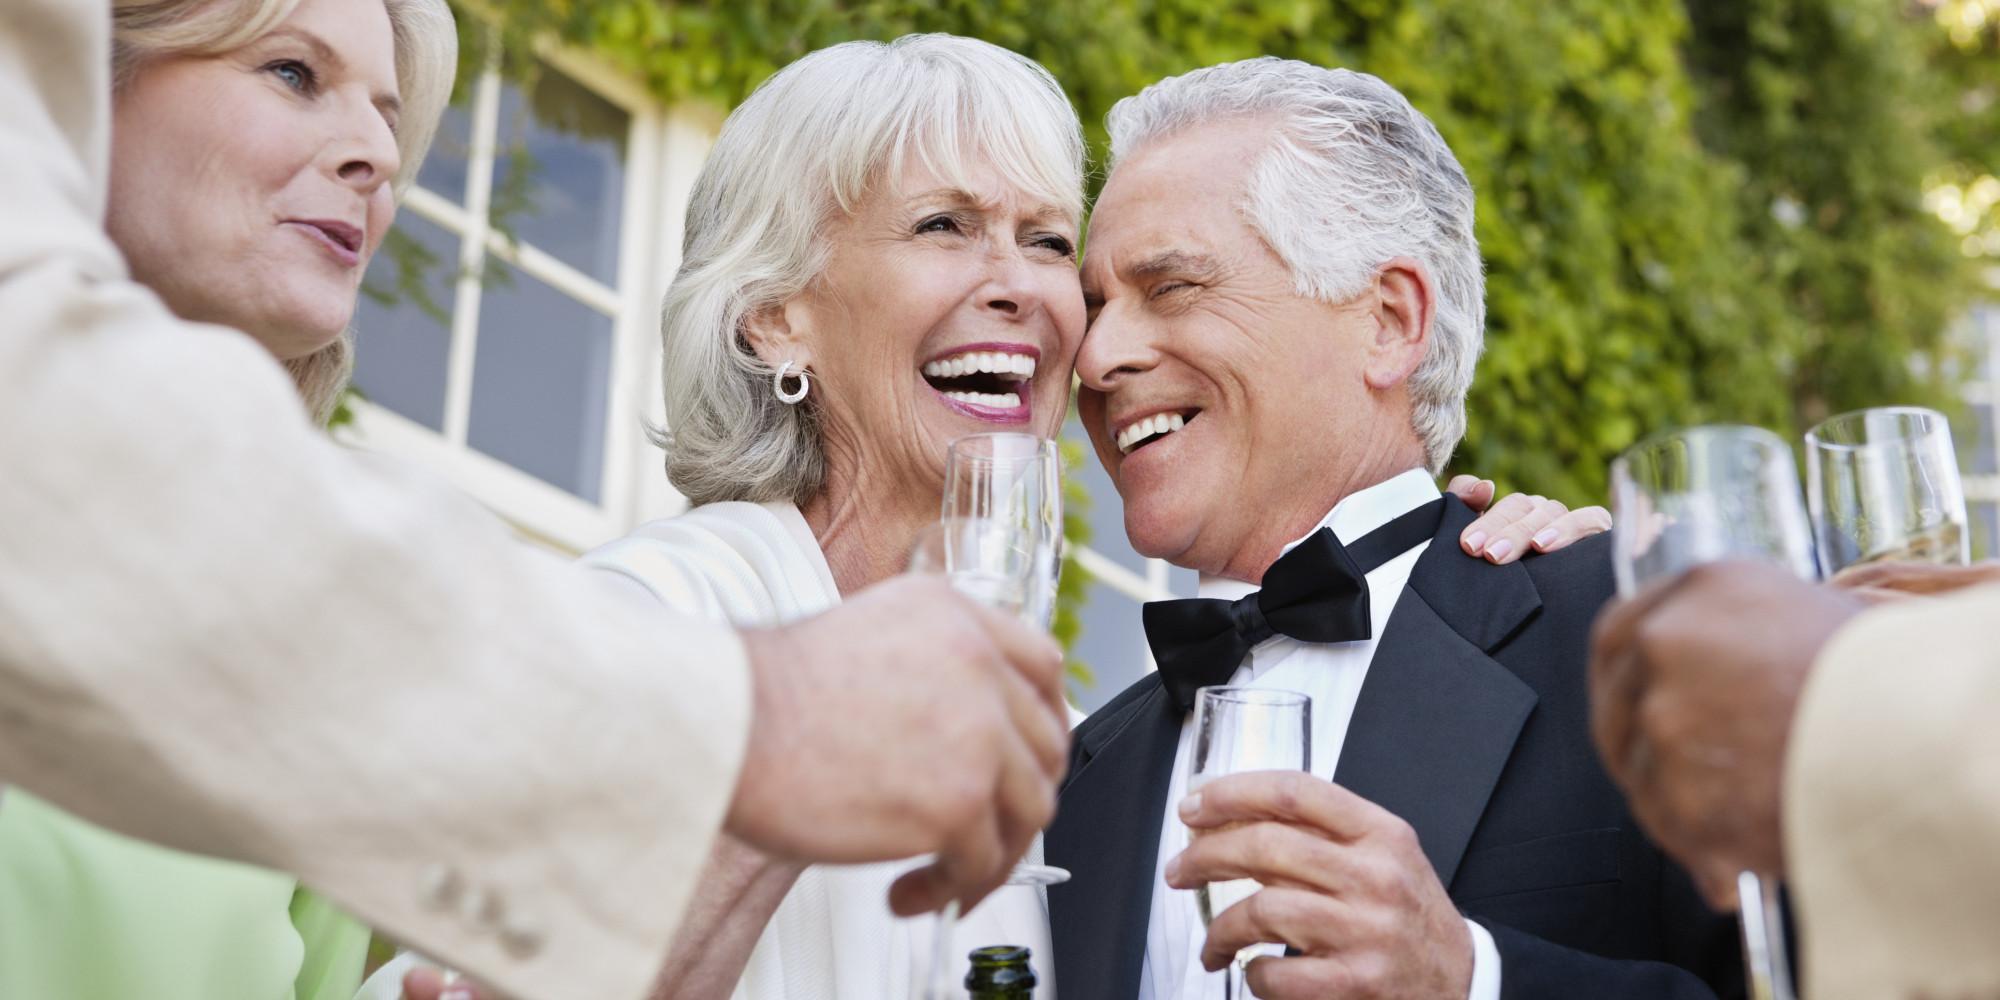 Конкурсы на 25 летия совместной жизни